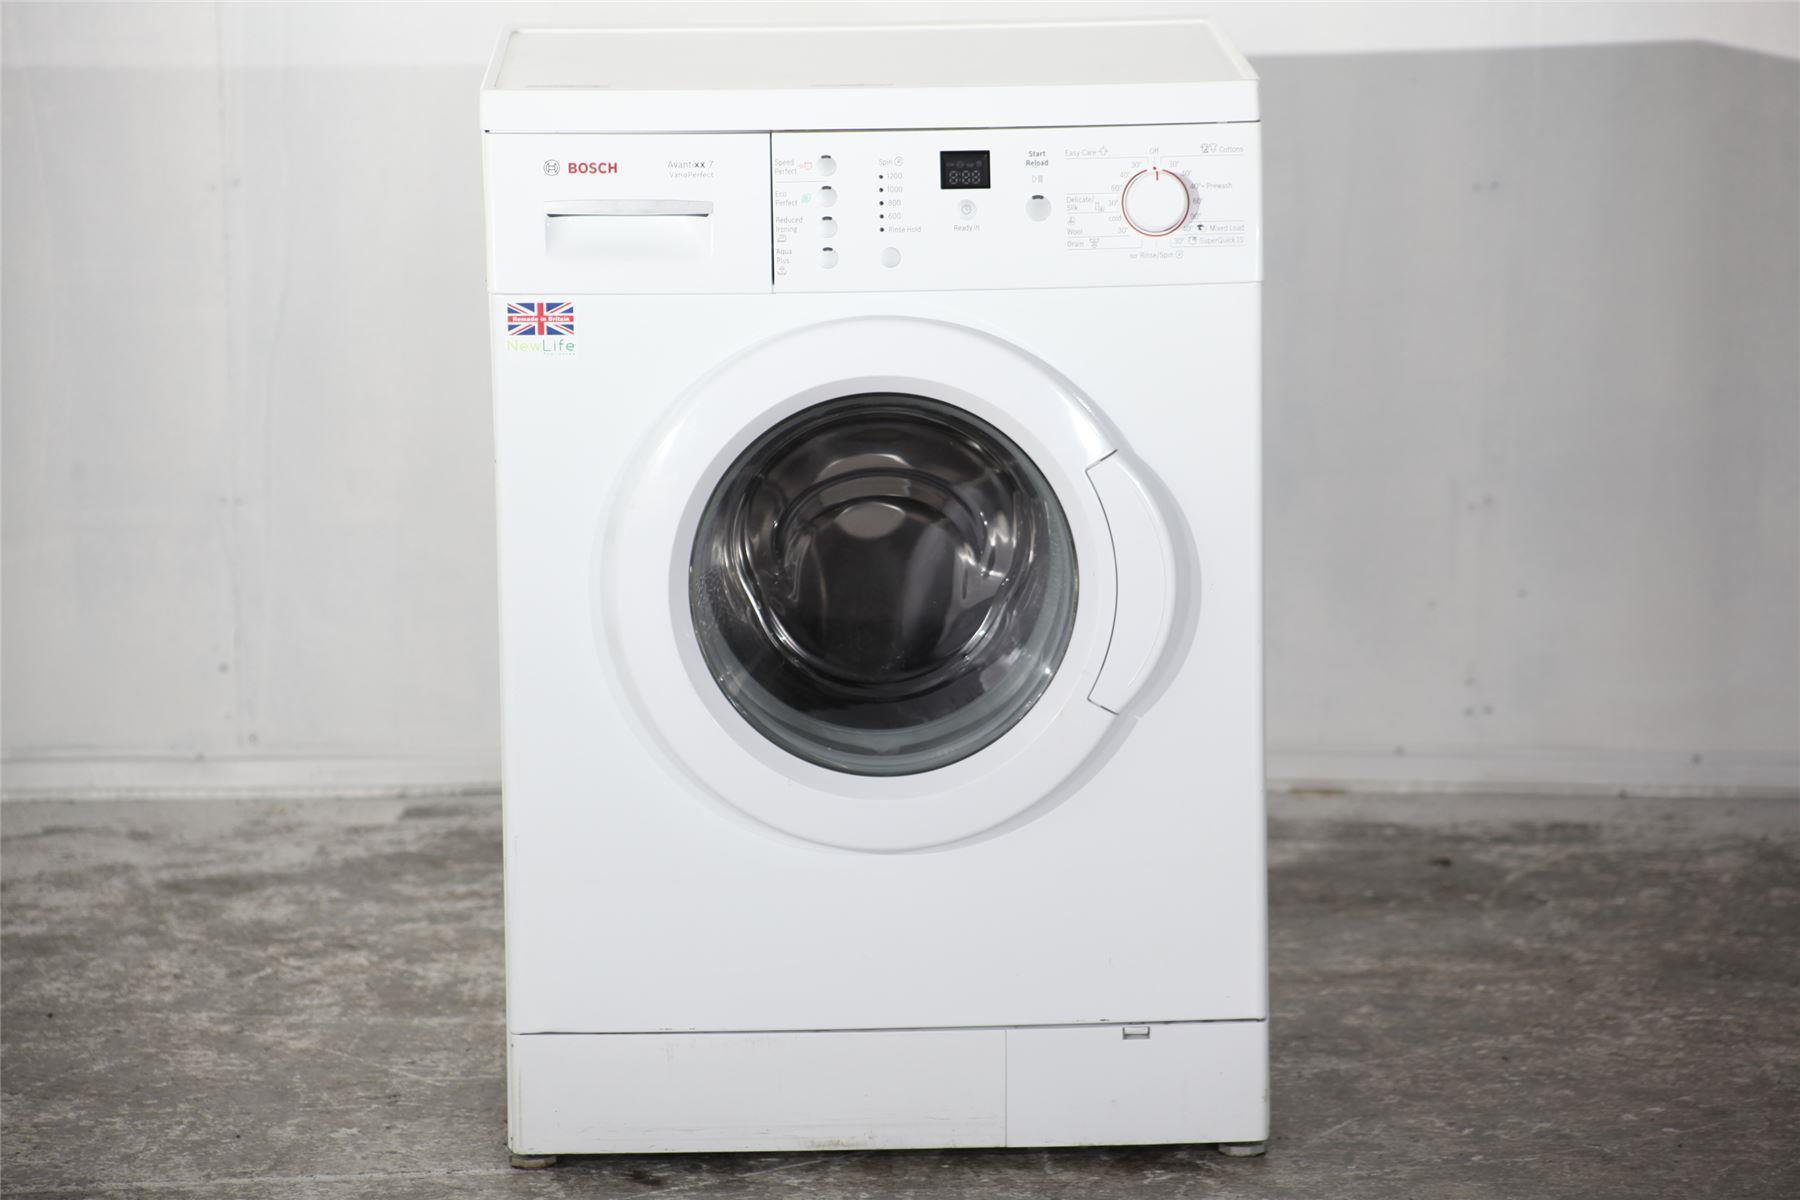 Bosch avantixx 7kg vario perfect washing machine for Bosch online shop